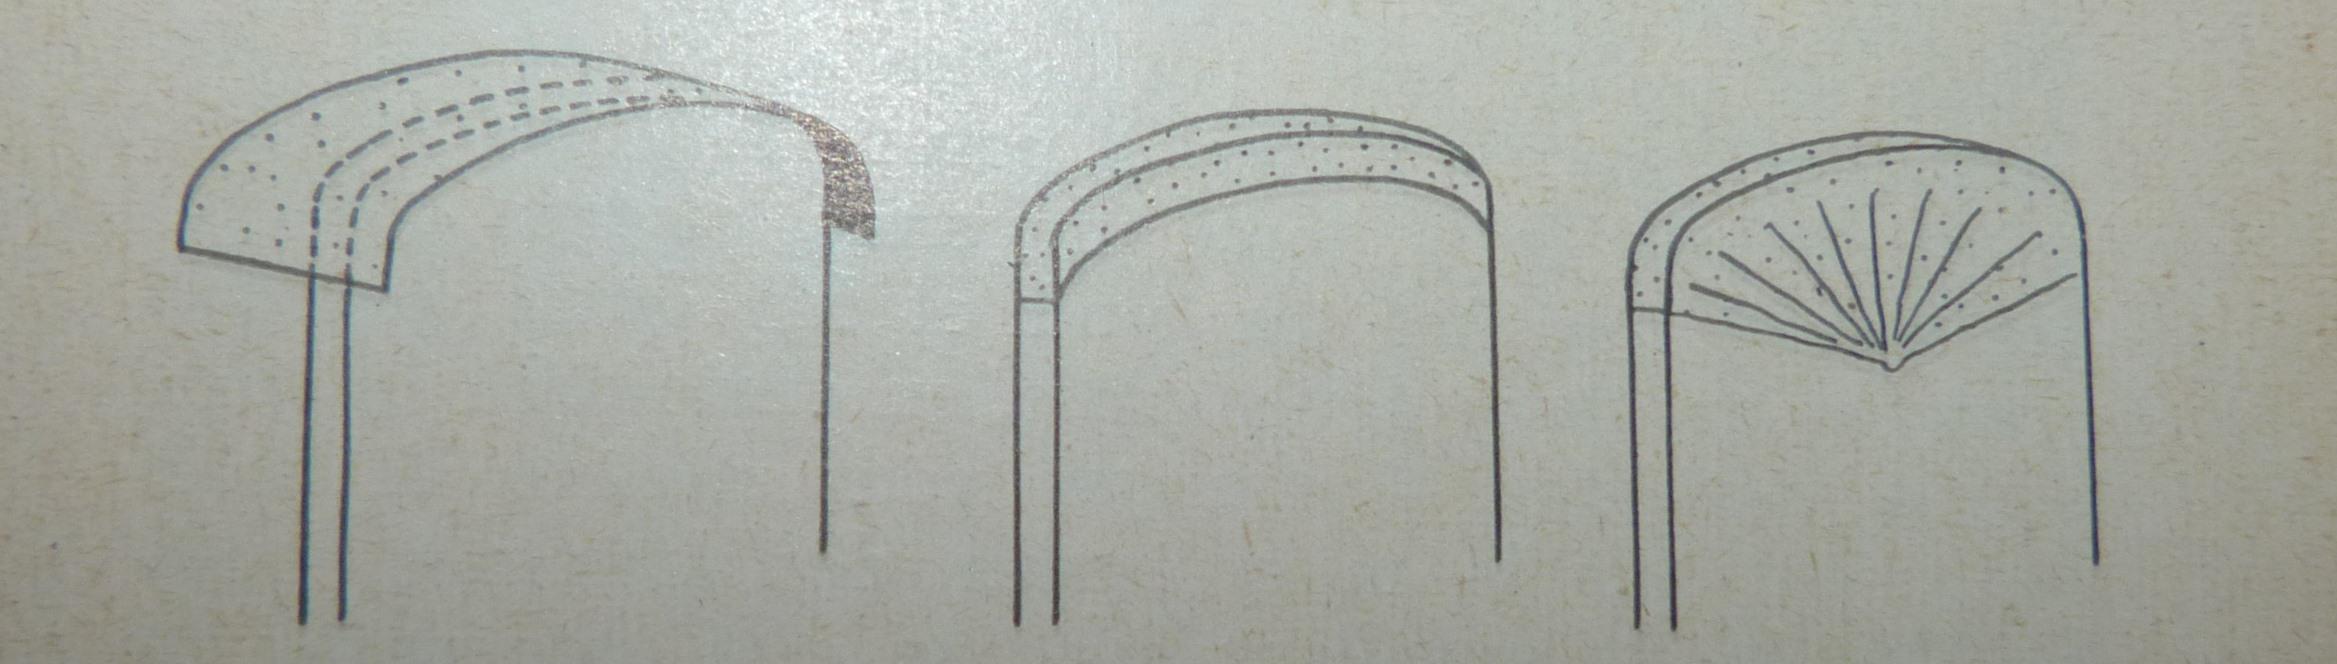 Fabrication d'un étui bordé : bordure tête et queue